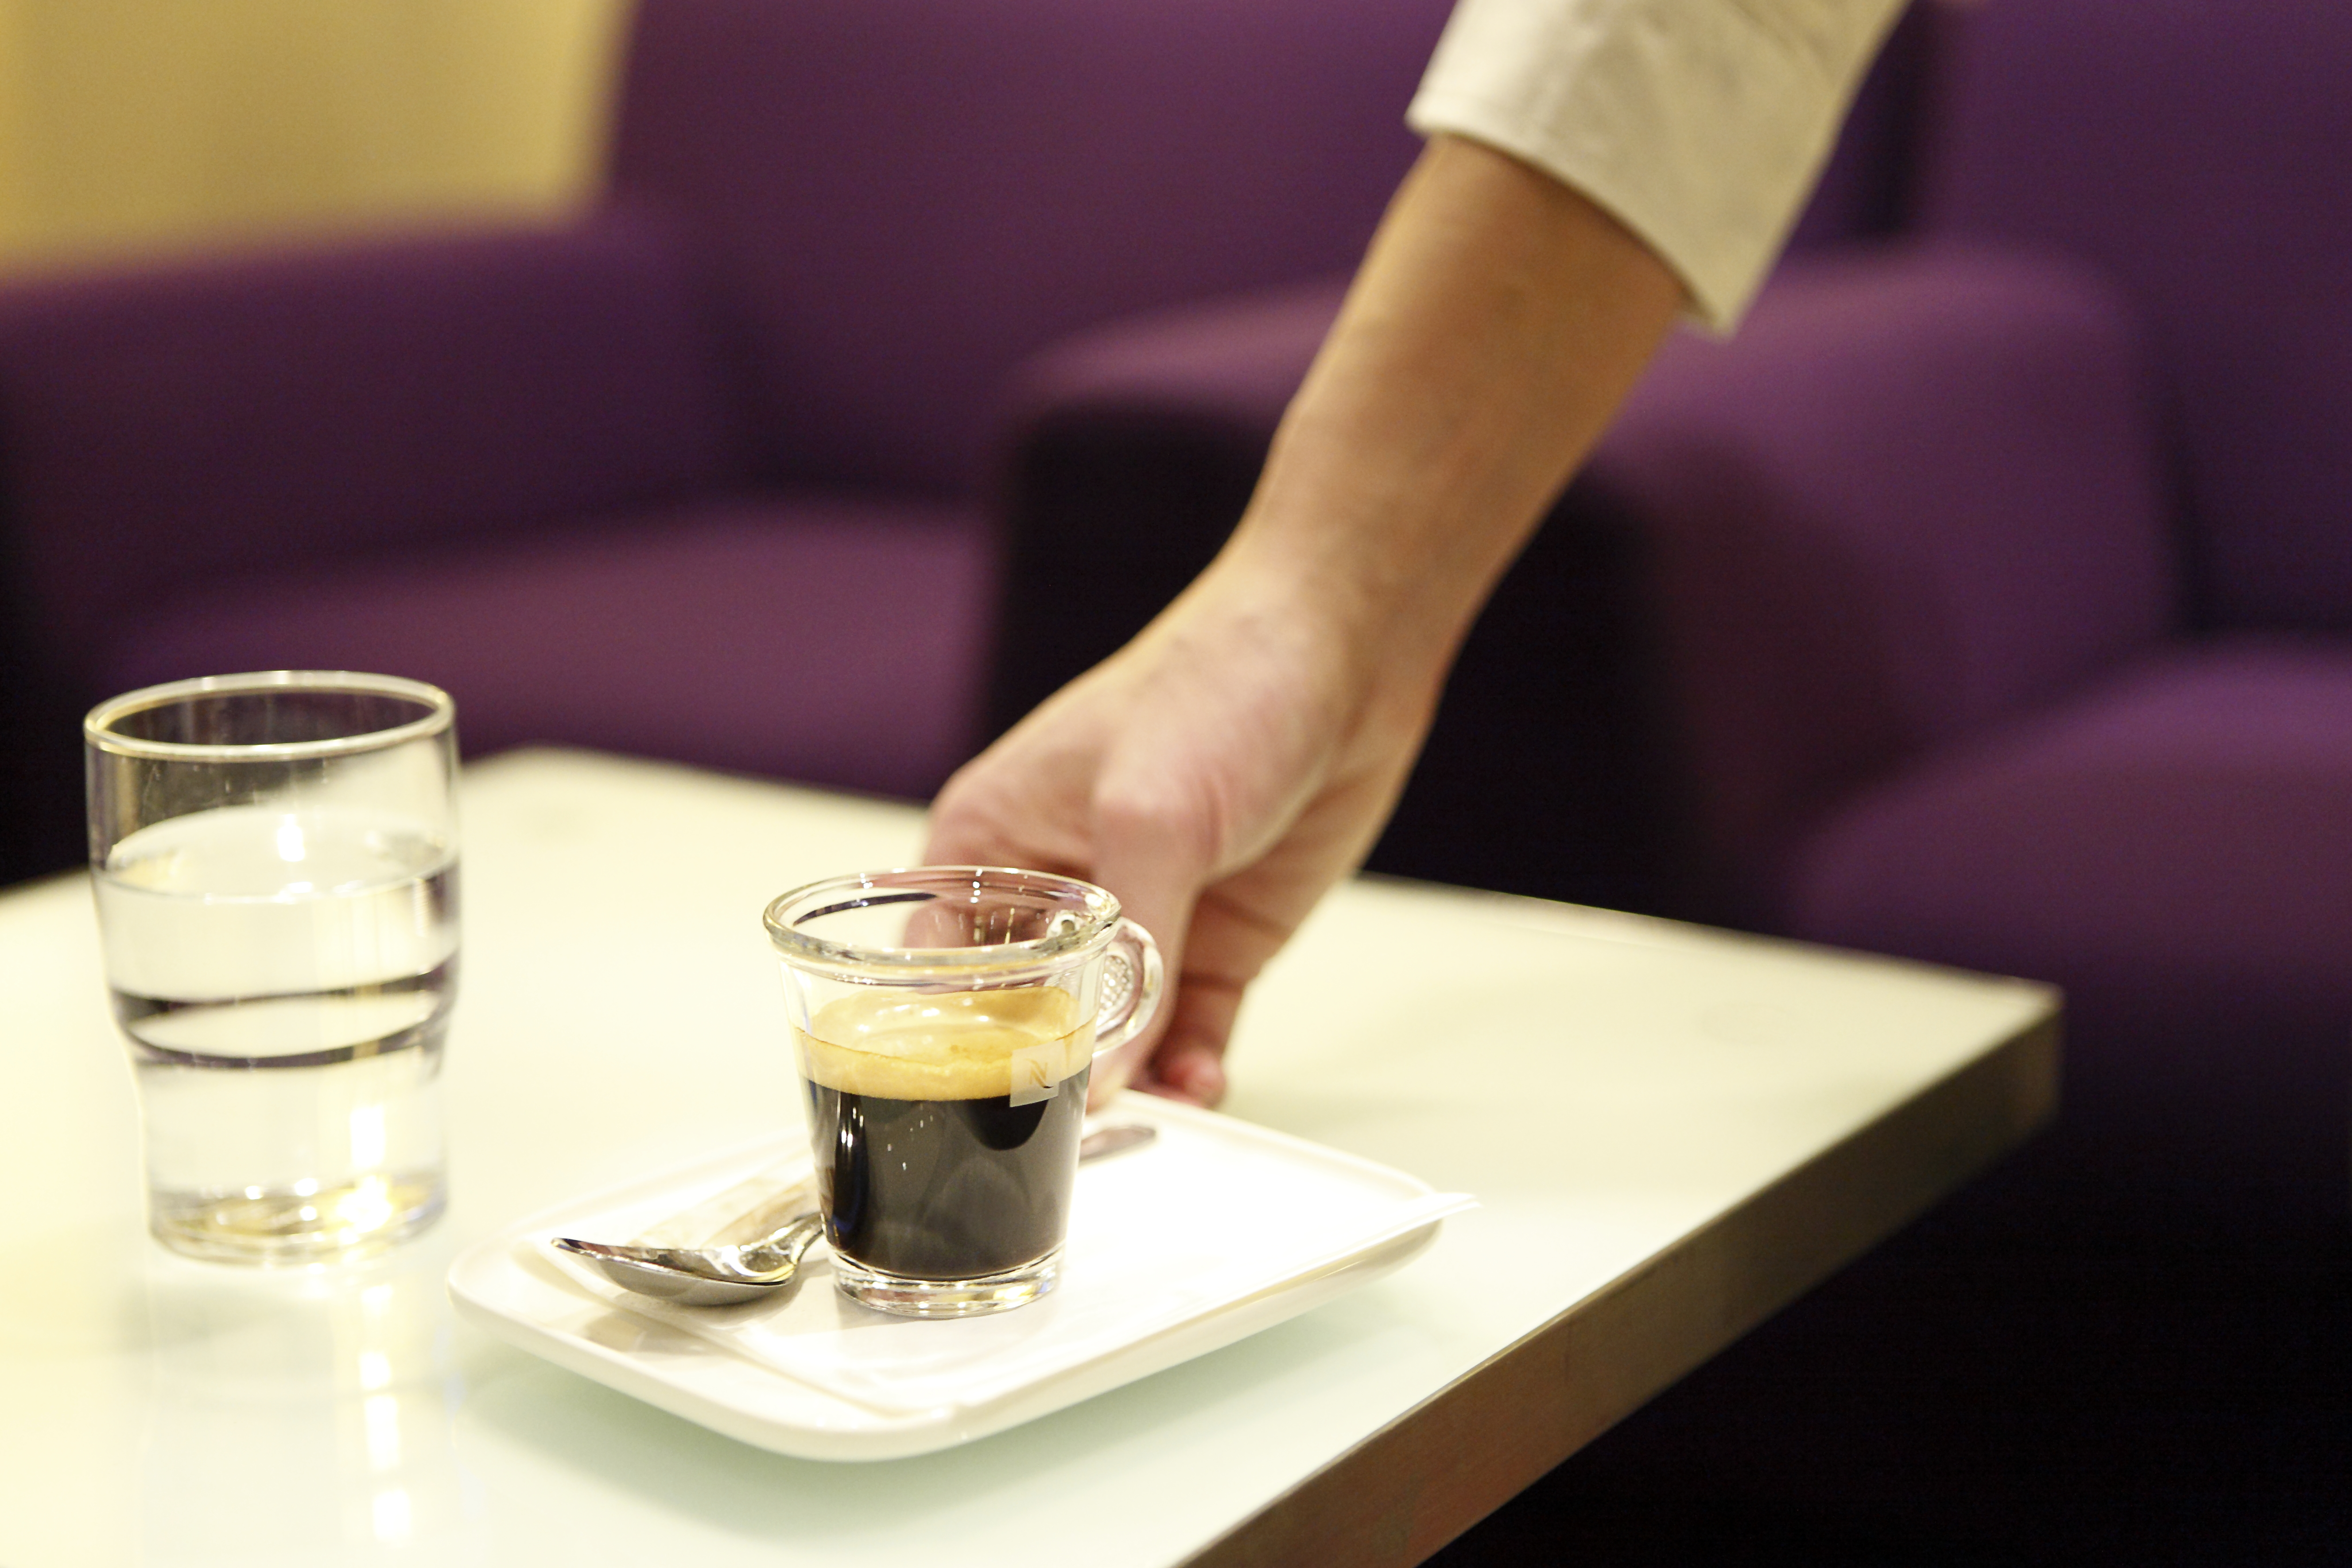 """Kahvila erotti Japanissa 28-vuotiaan naisen, koska """"hän oli menettänyt raikkautensa"""""""